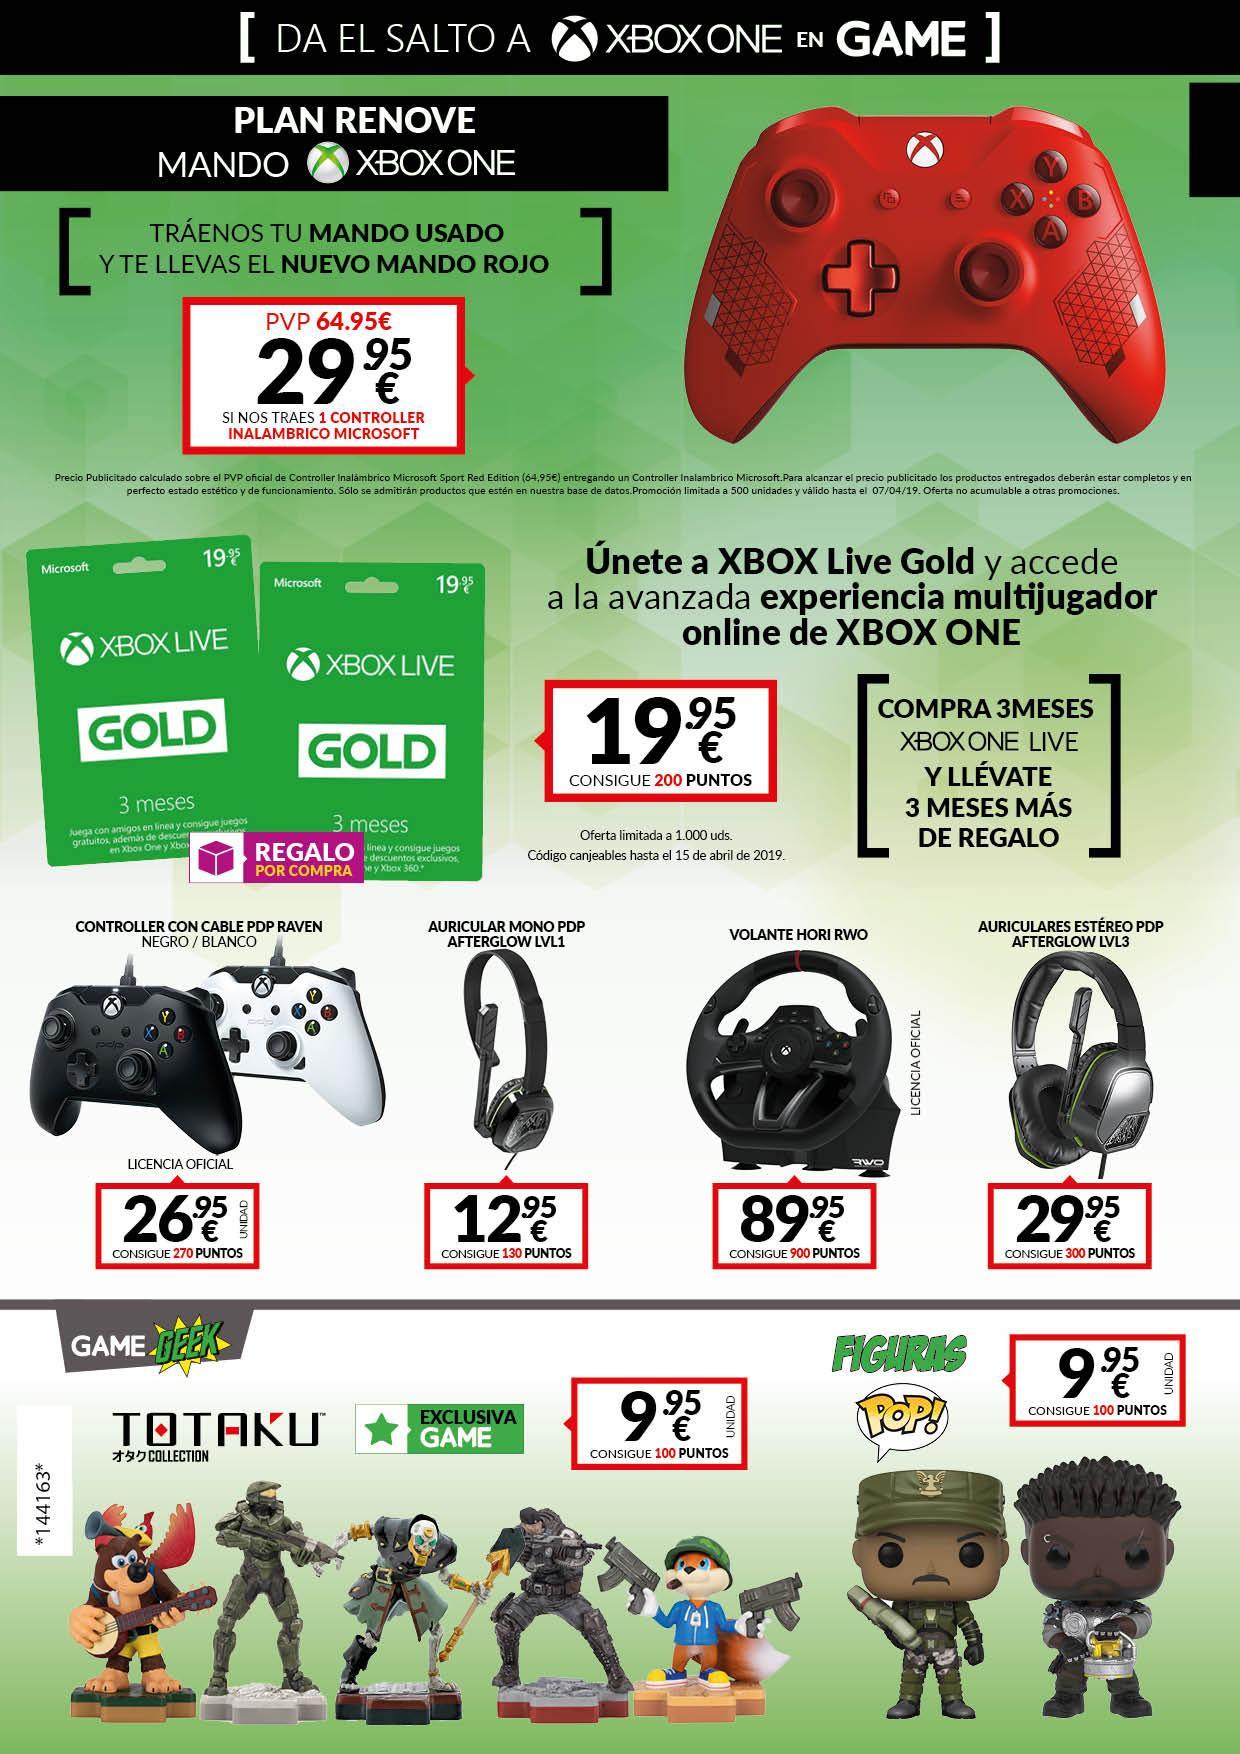 Da el salto a Xbox One con las nuevas ofertas de las tiendas GAME en accesorios y consolas Xbox One 3